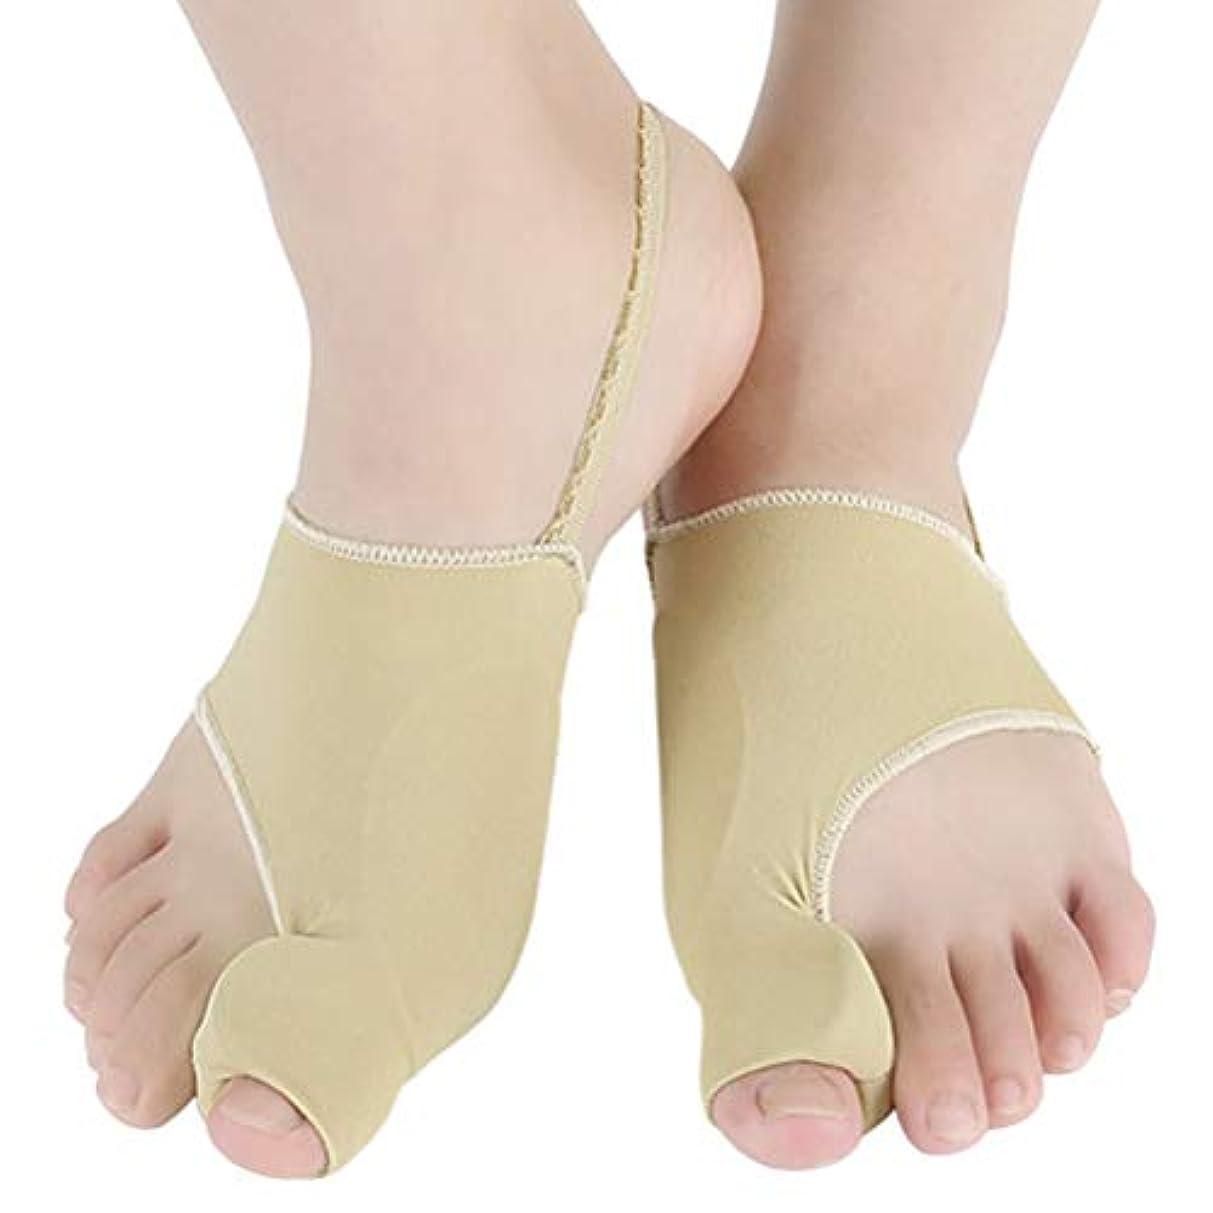 拘束マグフォーラムHeallily 足首矯正用1対のつま先ブレース親指調整可能な腱膜プロテクター副脚母趾外反治療用(カーキサイズM)